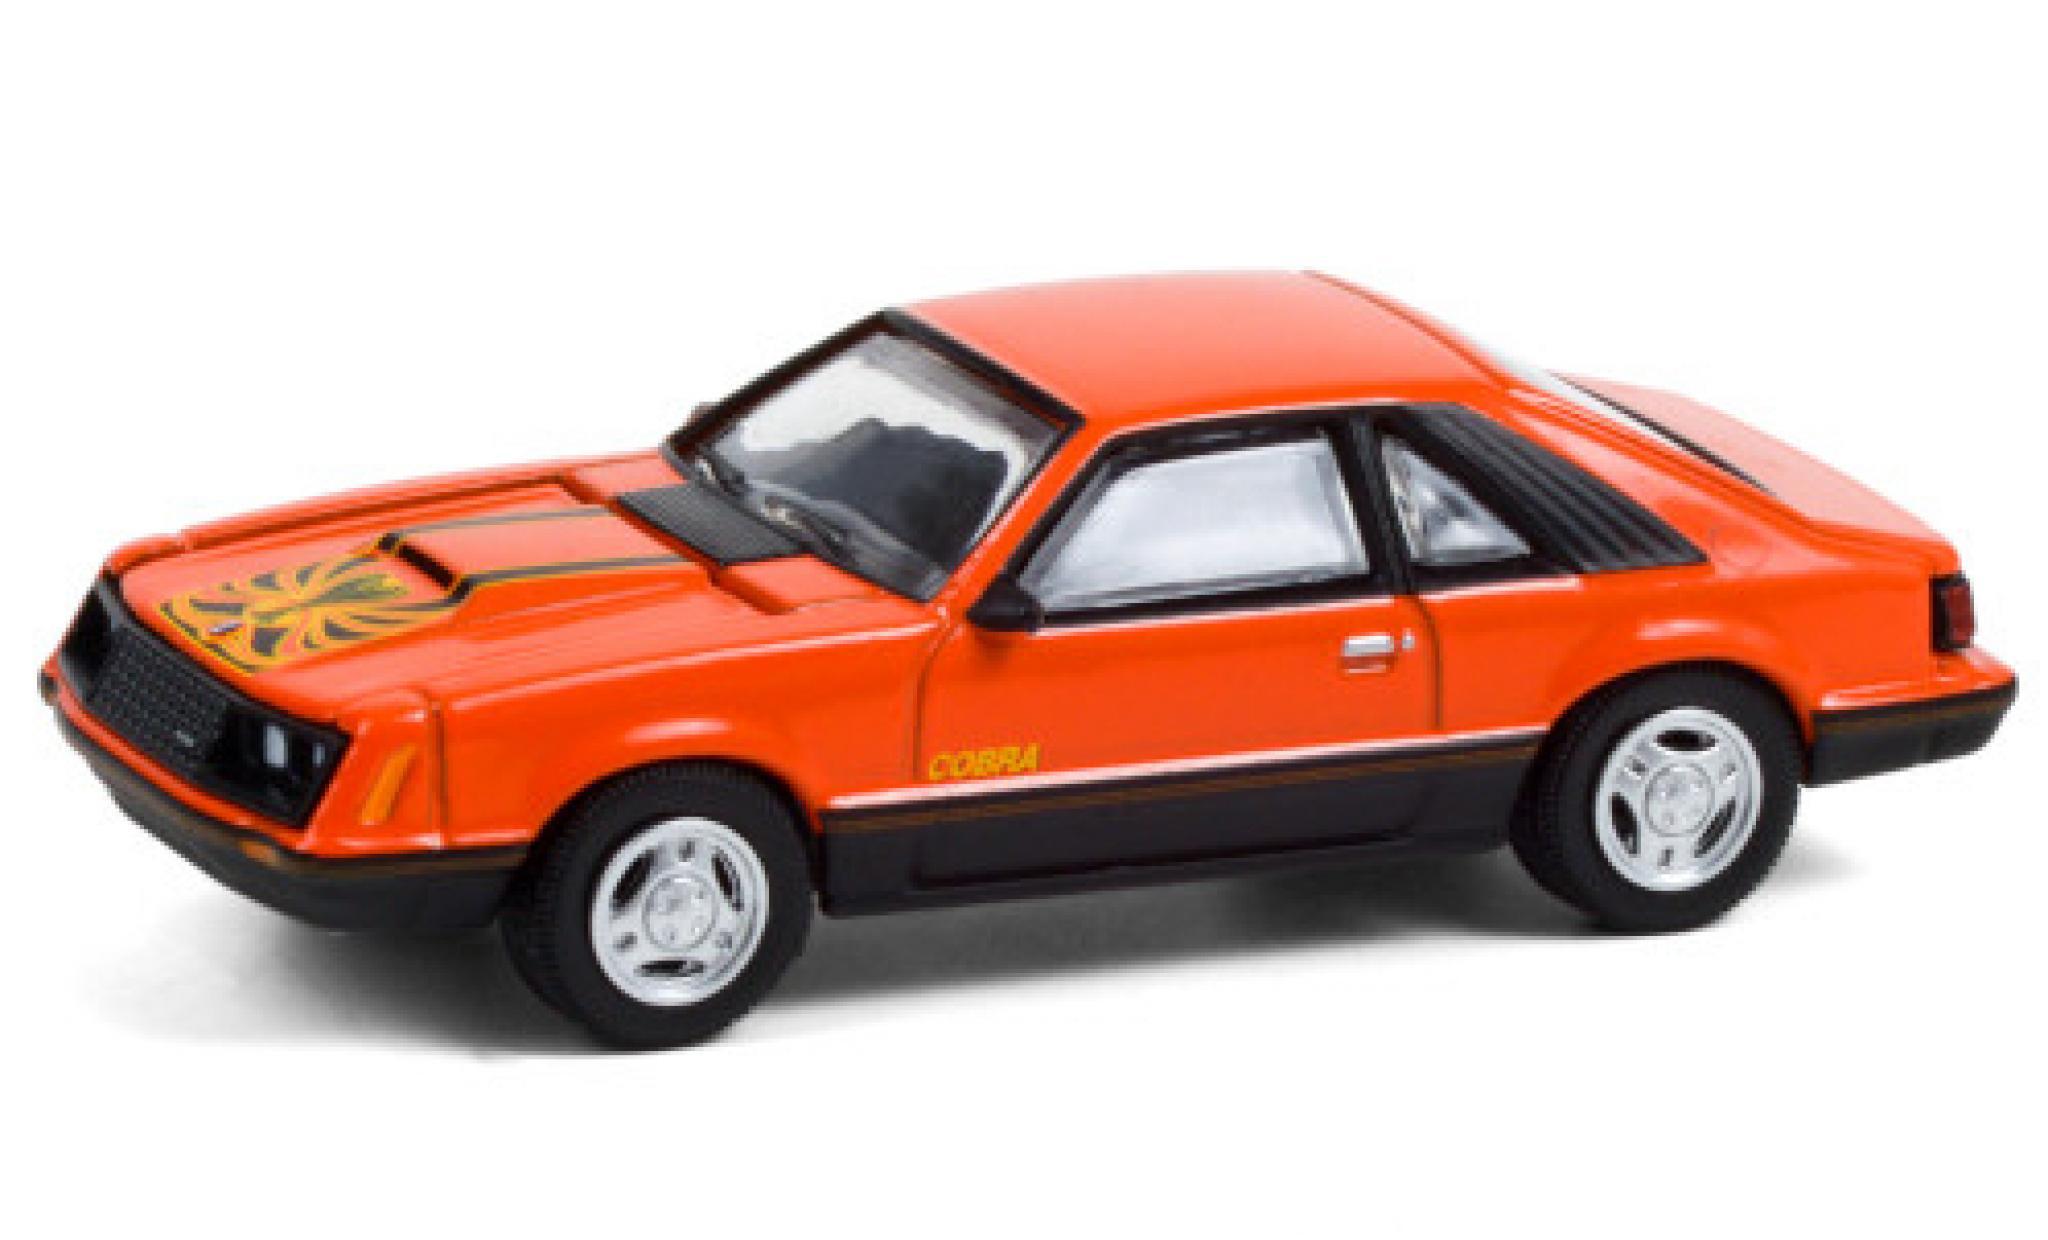 Ford Mustang 1/64 Greenlight Cobra orange/Dekor 1979